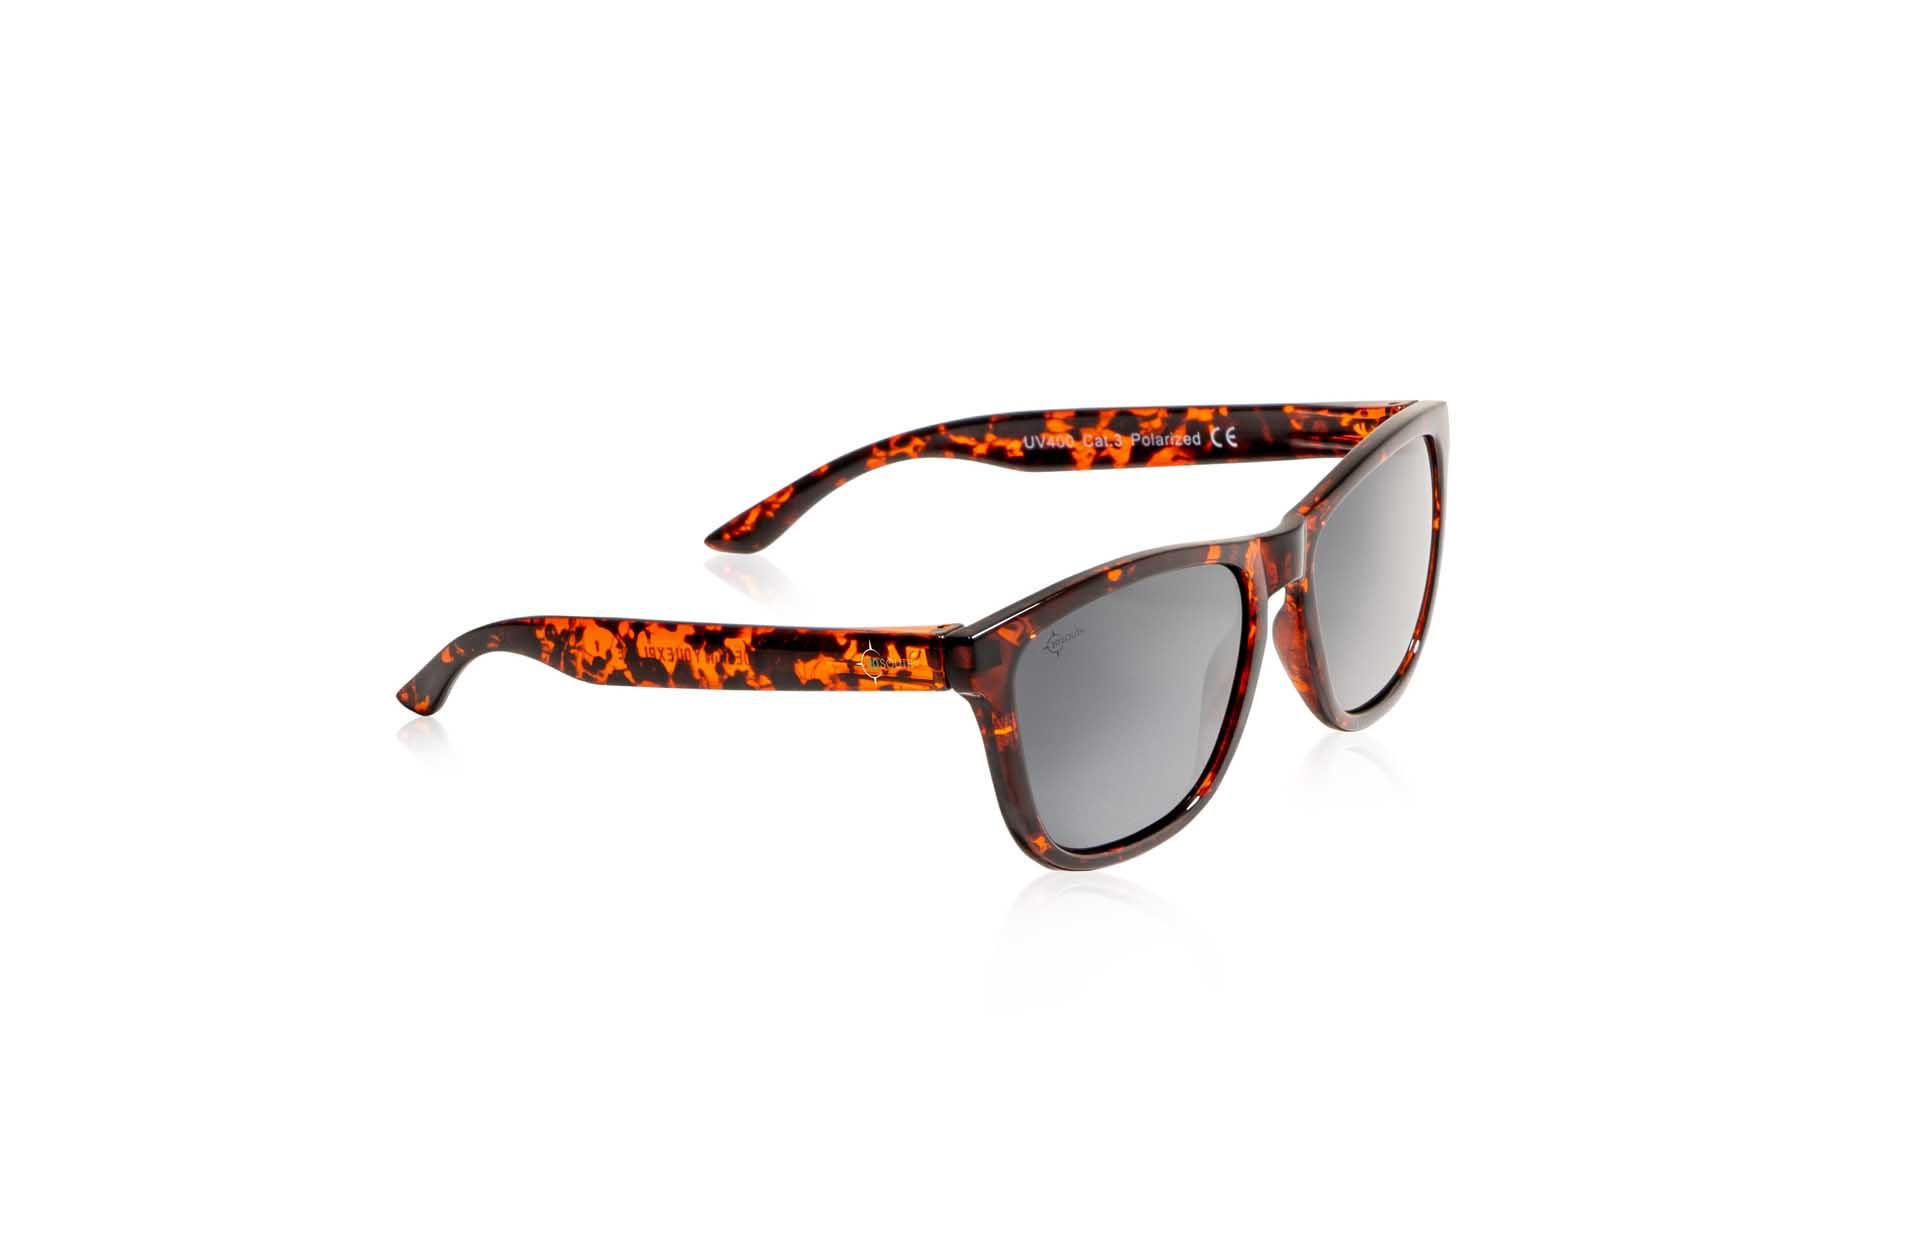 Photo of The Honus sunglasses